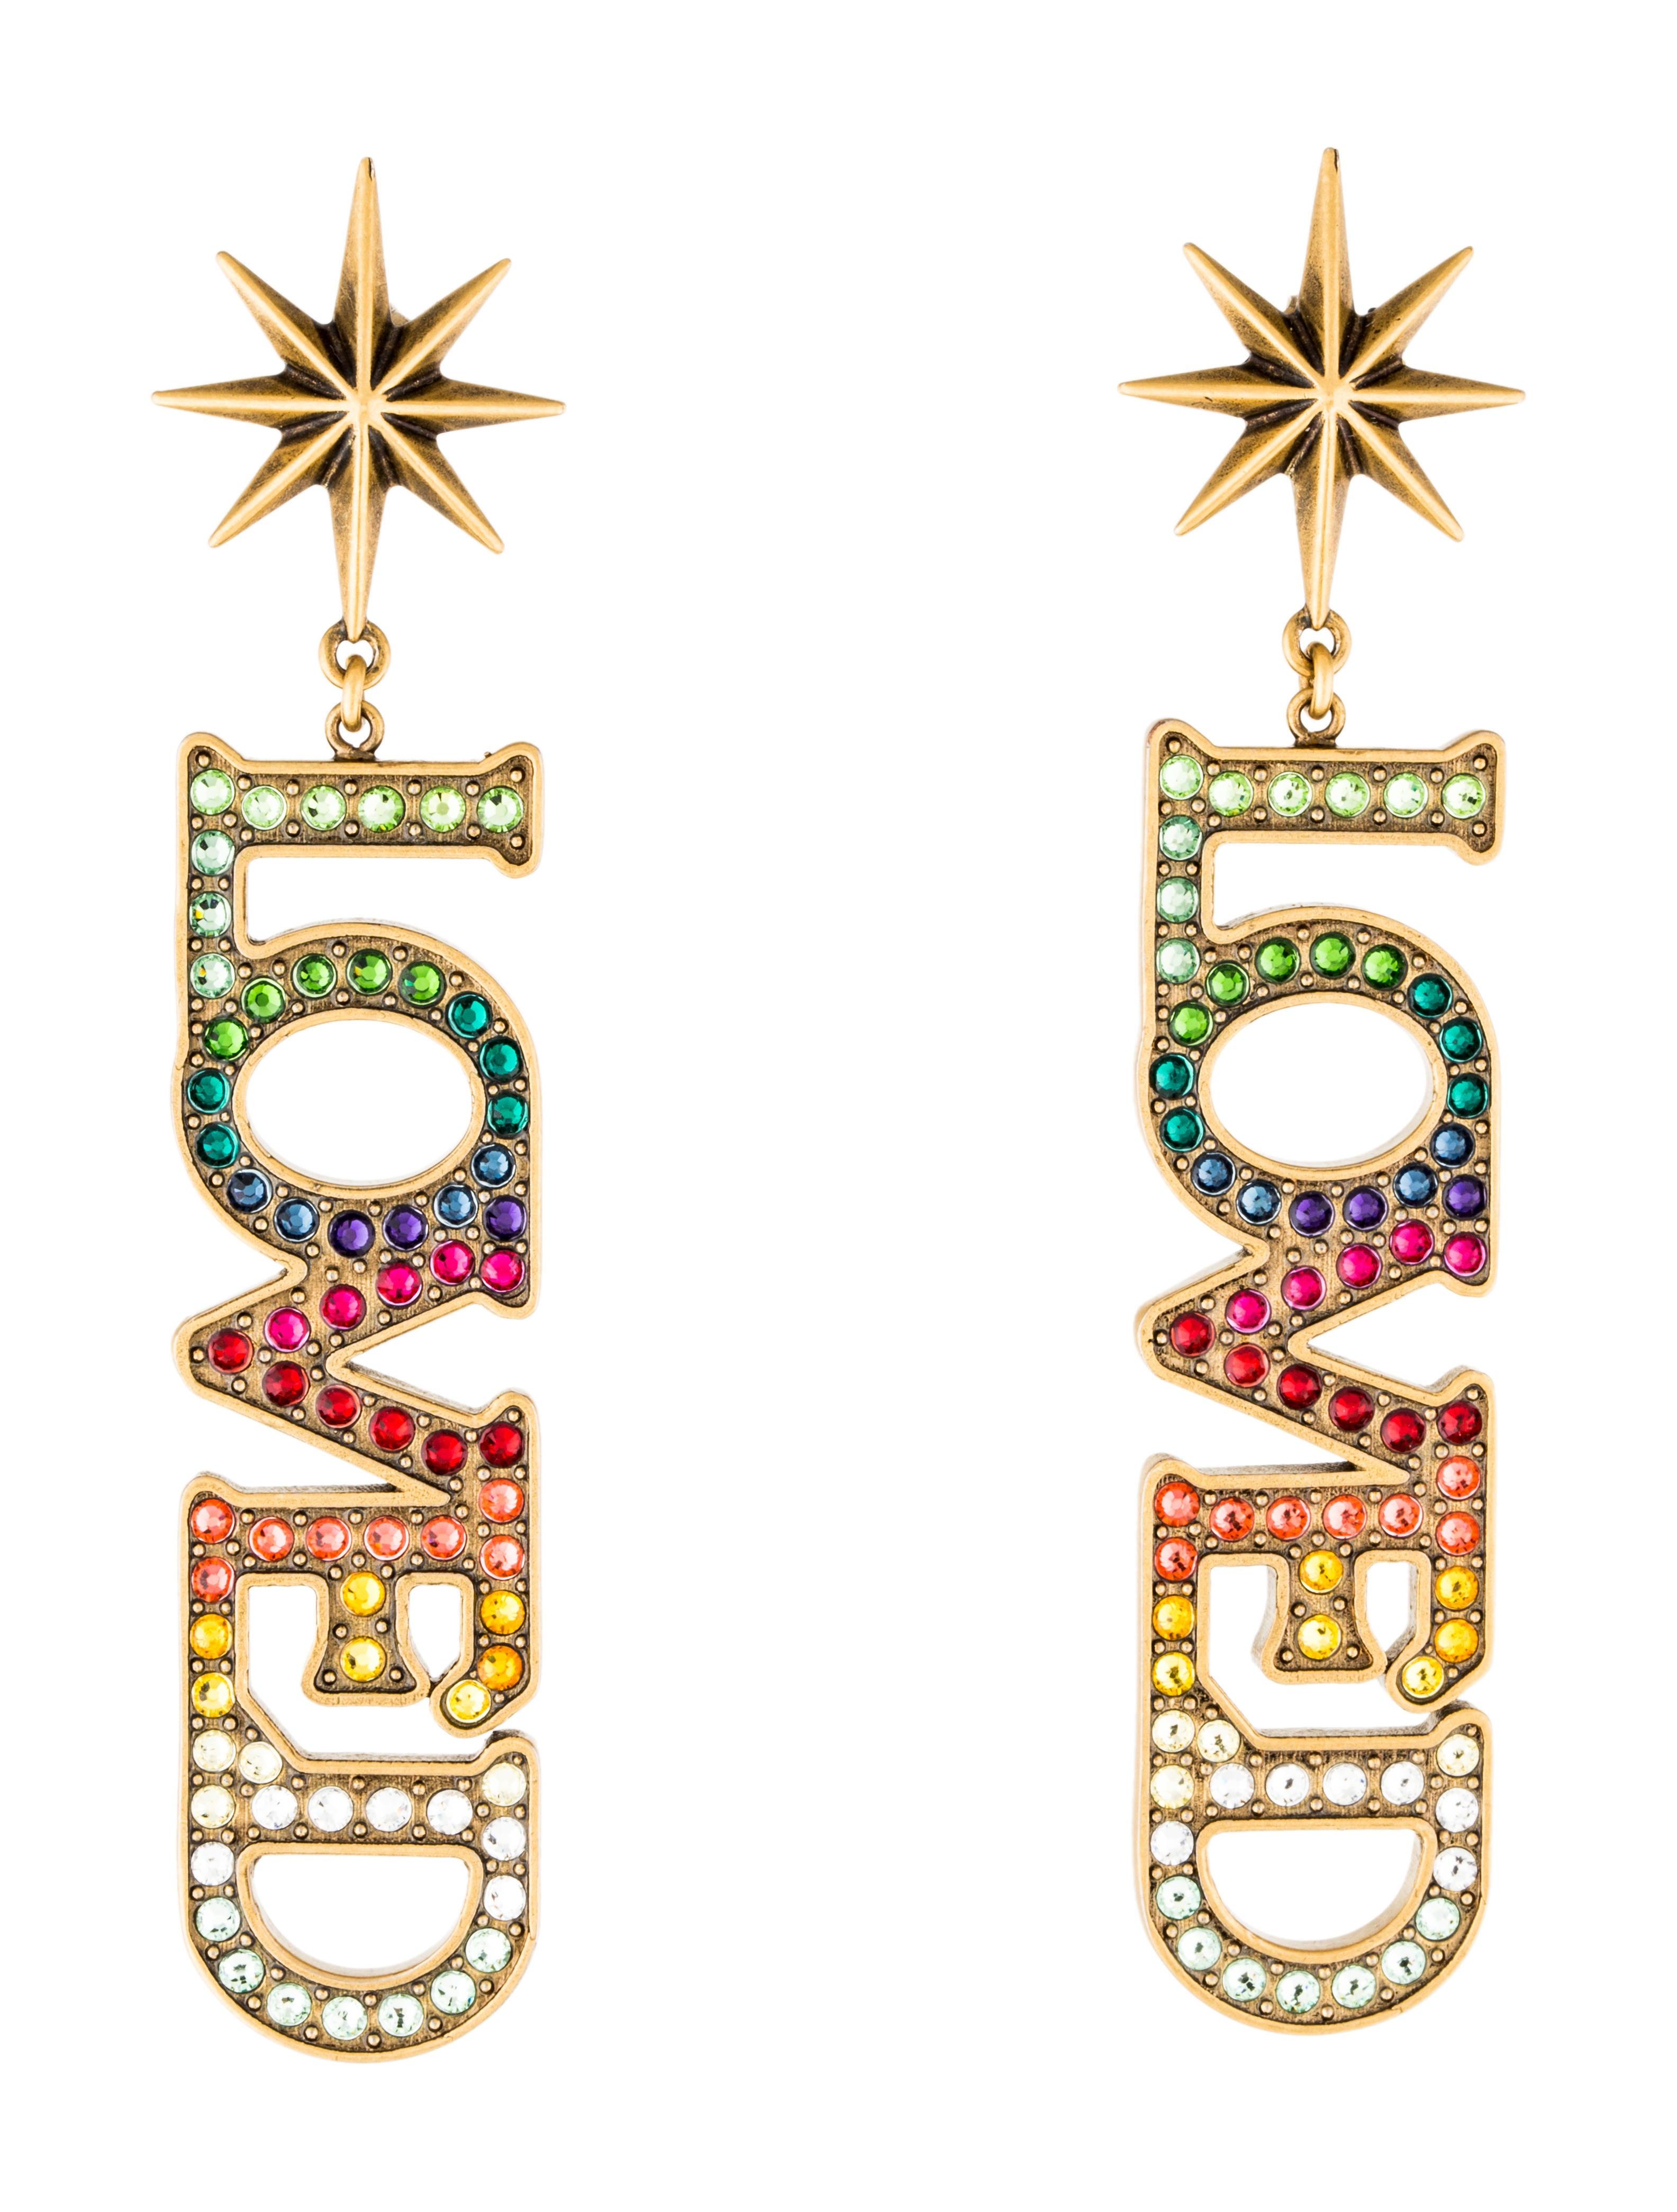 bf369ee75 Gucci Multicolor Crystal 'Loved' Pendant Earrings - Earrings ...